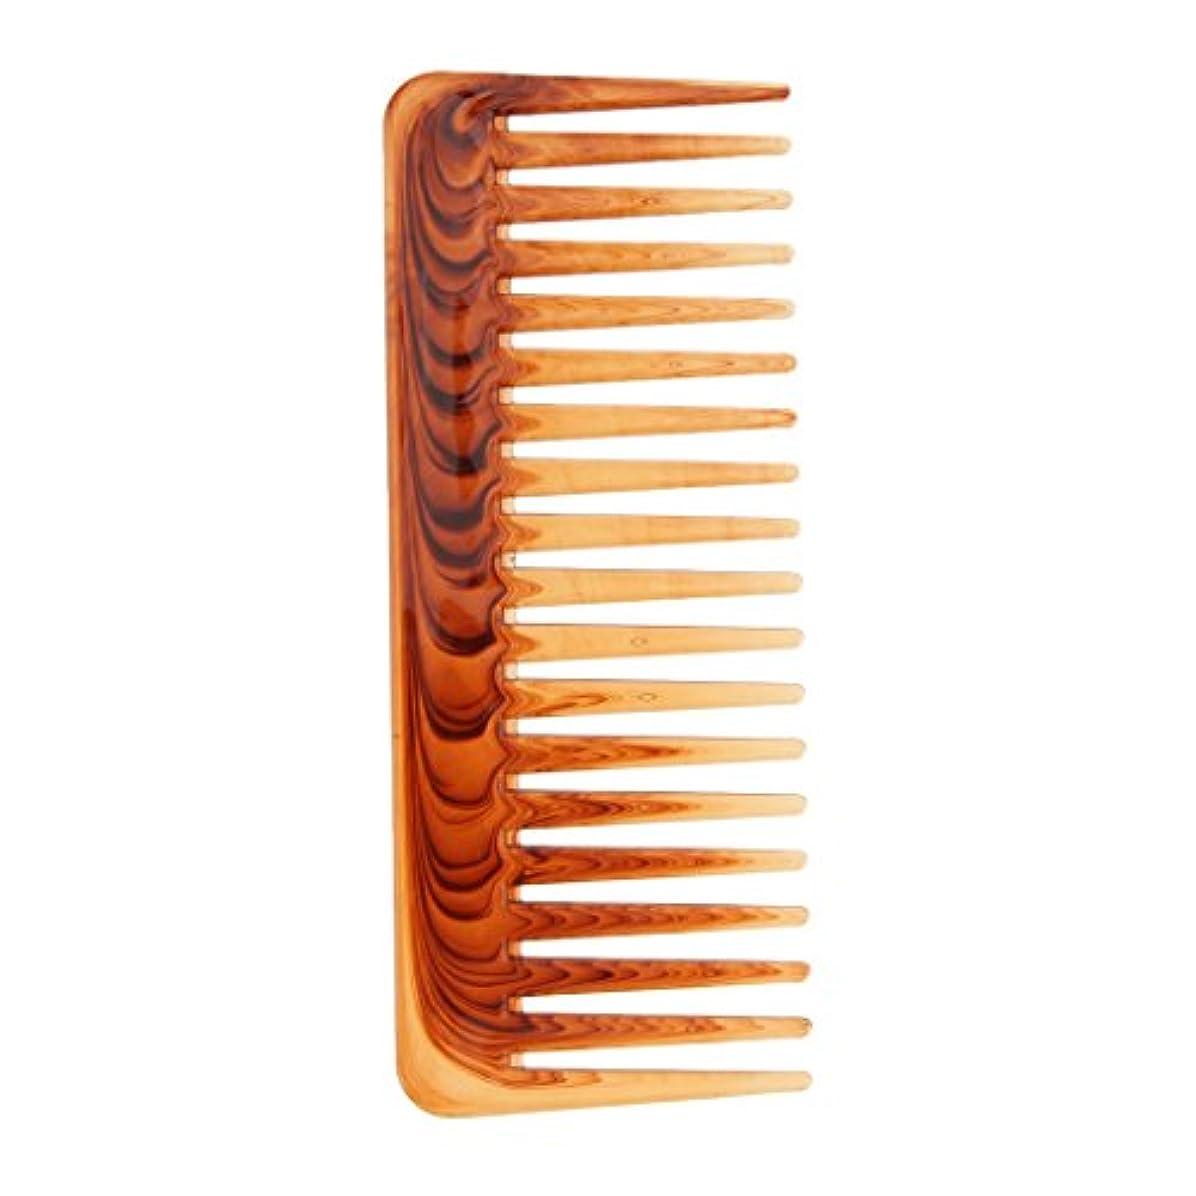 メッシュ解決するに対応するヘアコンビ ヘアコーム ワイド ヘアブラシツール 帯電防止櫛 プラスチック製